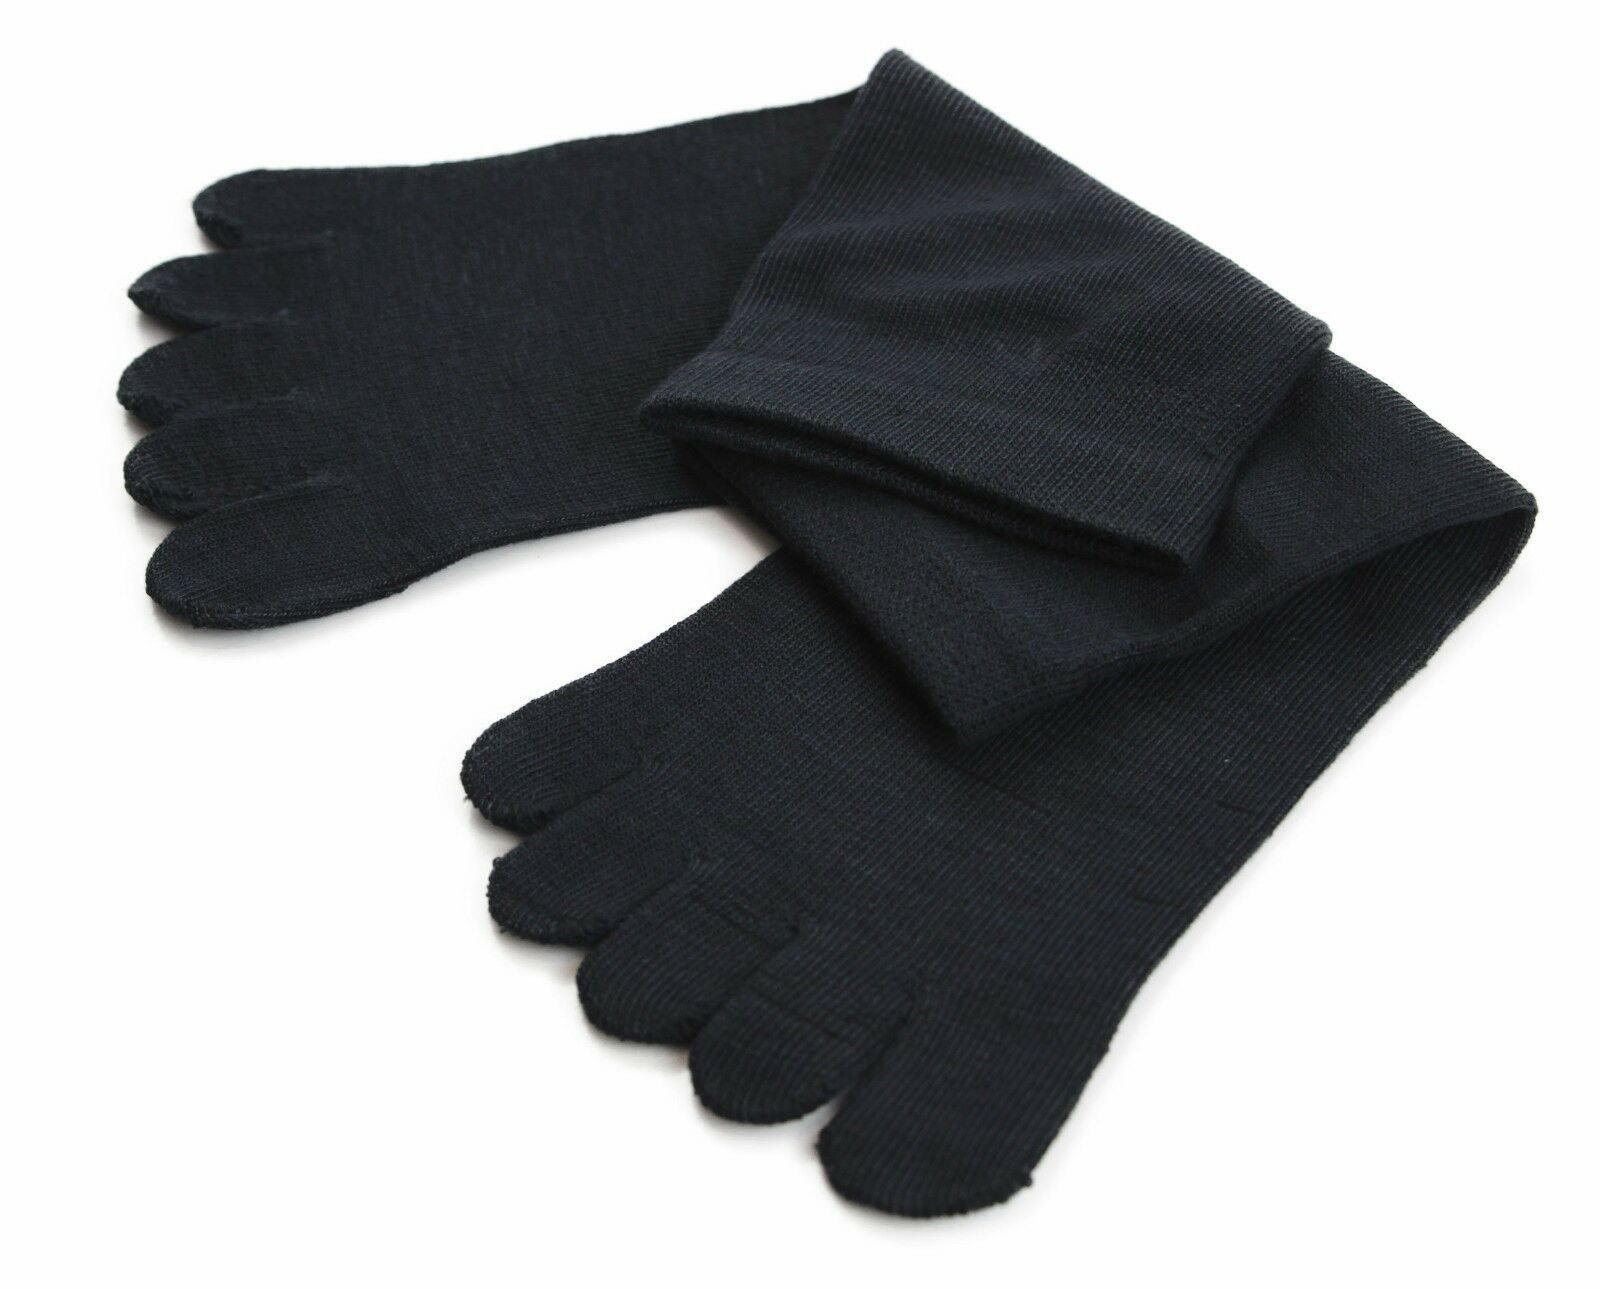 縮圖 5 - Toe Socks Premium Cotton Ankle Five Finger Socks Black Grey Brown Mens Womens